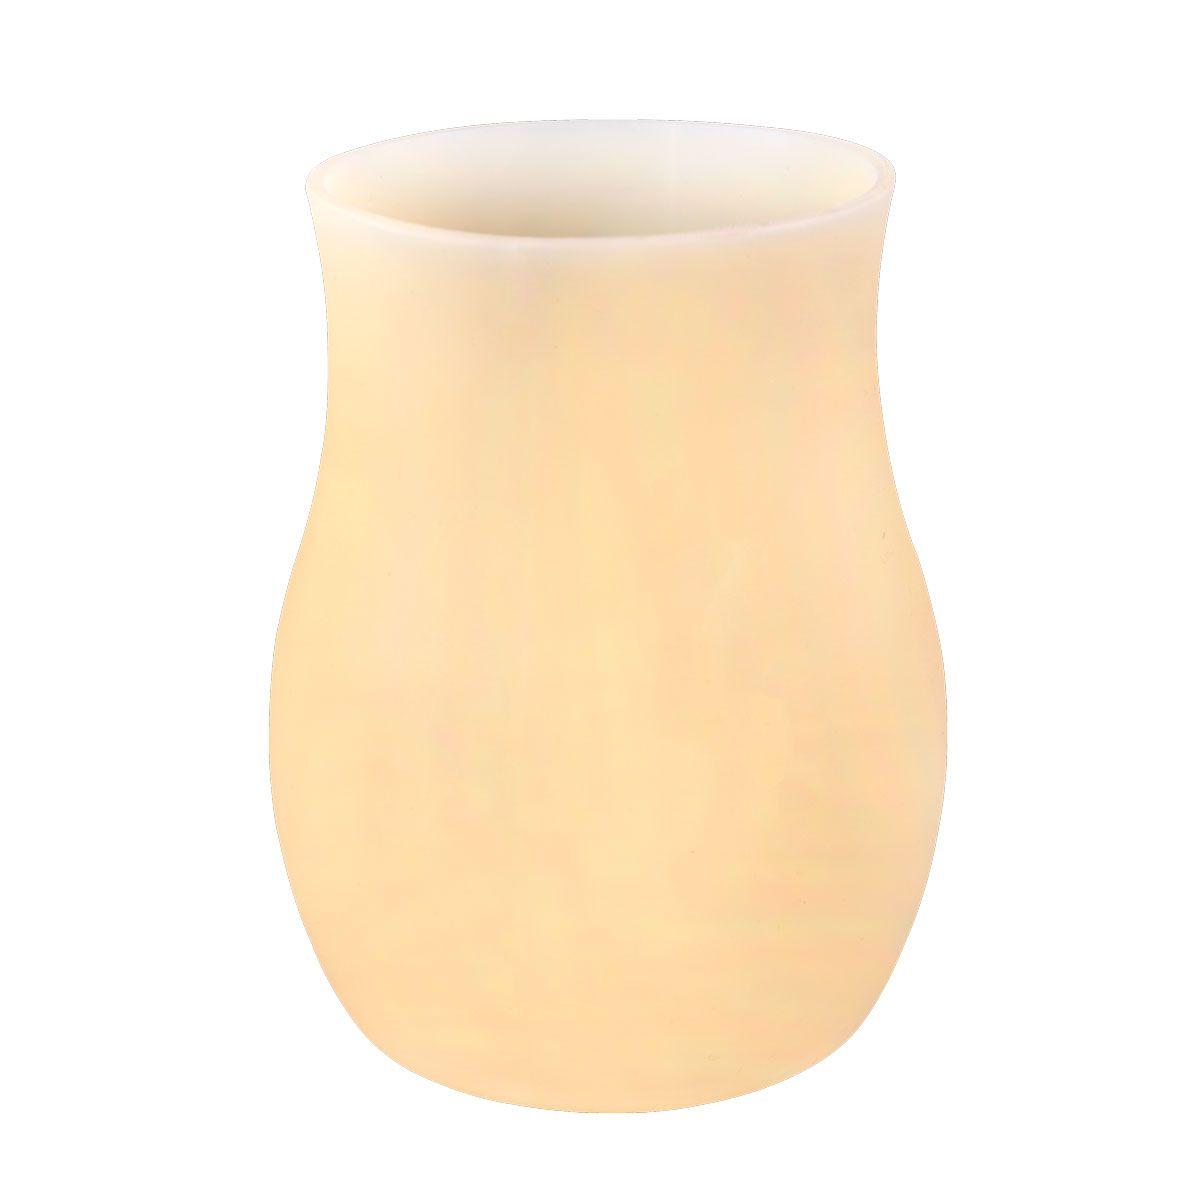 Ваза Miolla, цвет: бежевый, высота 10 см3502009UДекоративные вазы в наше время пользуются очень большим спросом. Любители украшать свой дом, оценят этот античный сосуд, который может стать не только красивым, но и практичным дополнением любого интерьера.